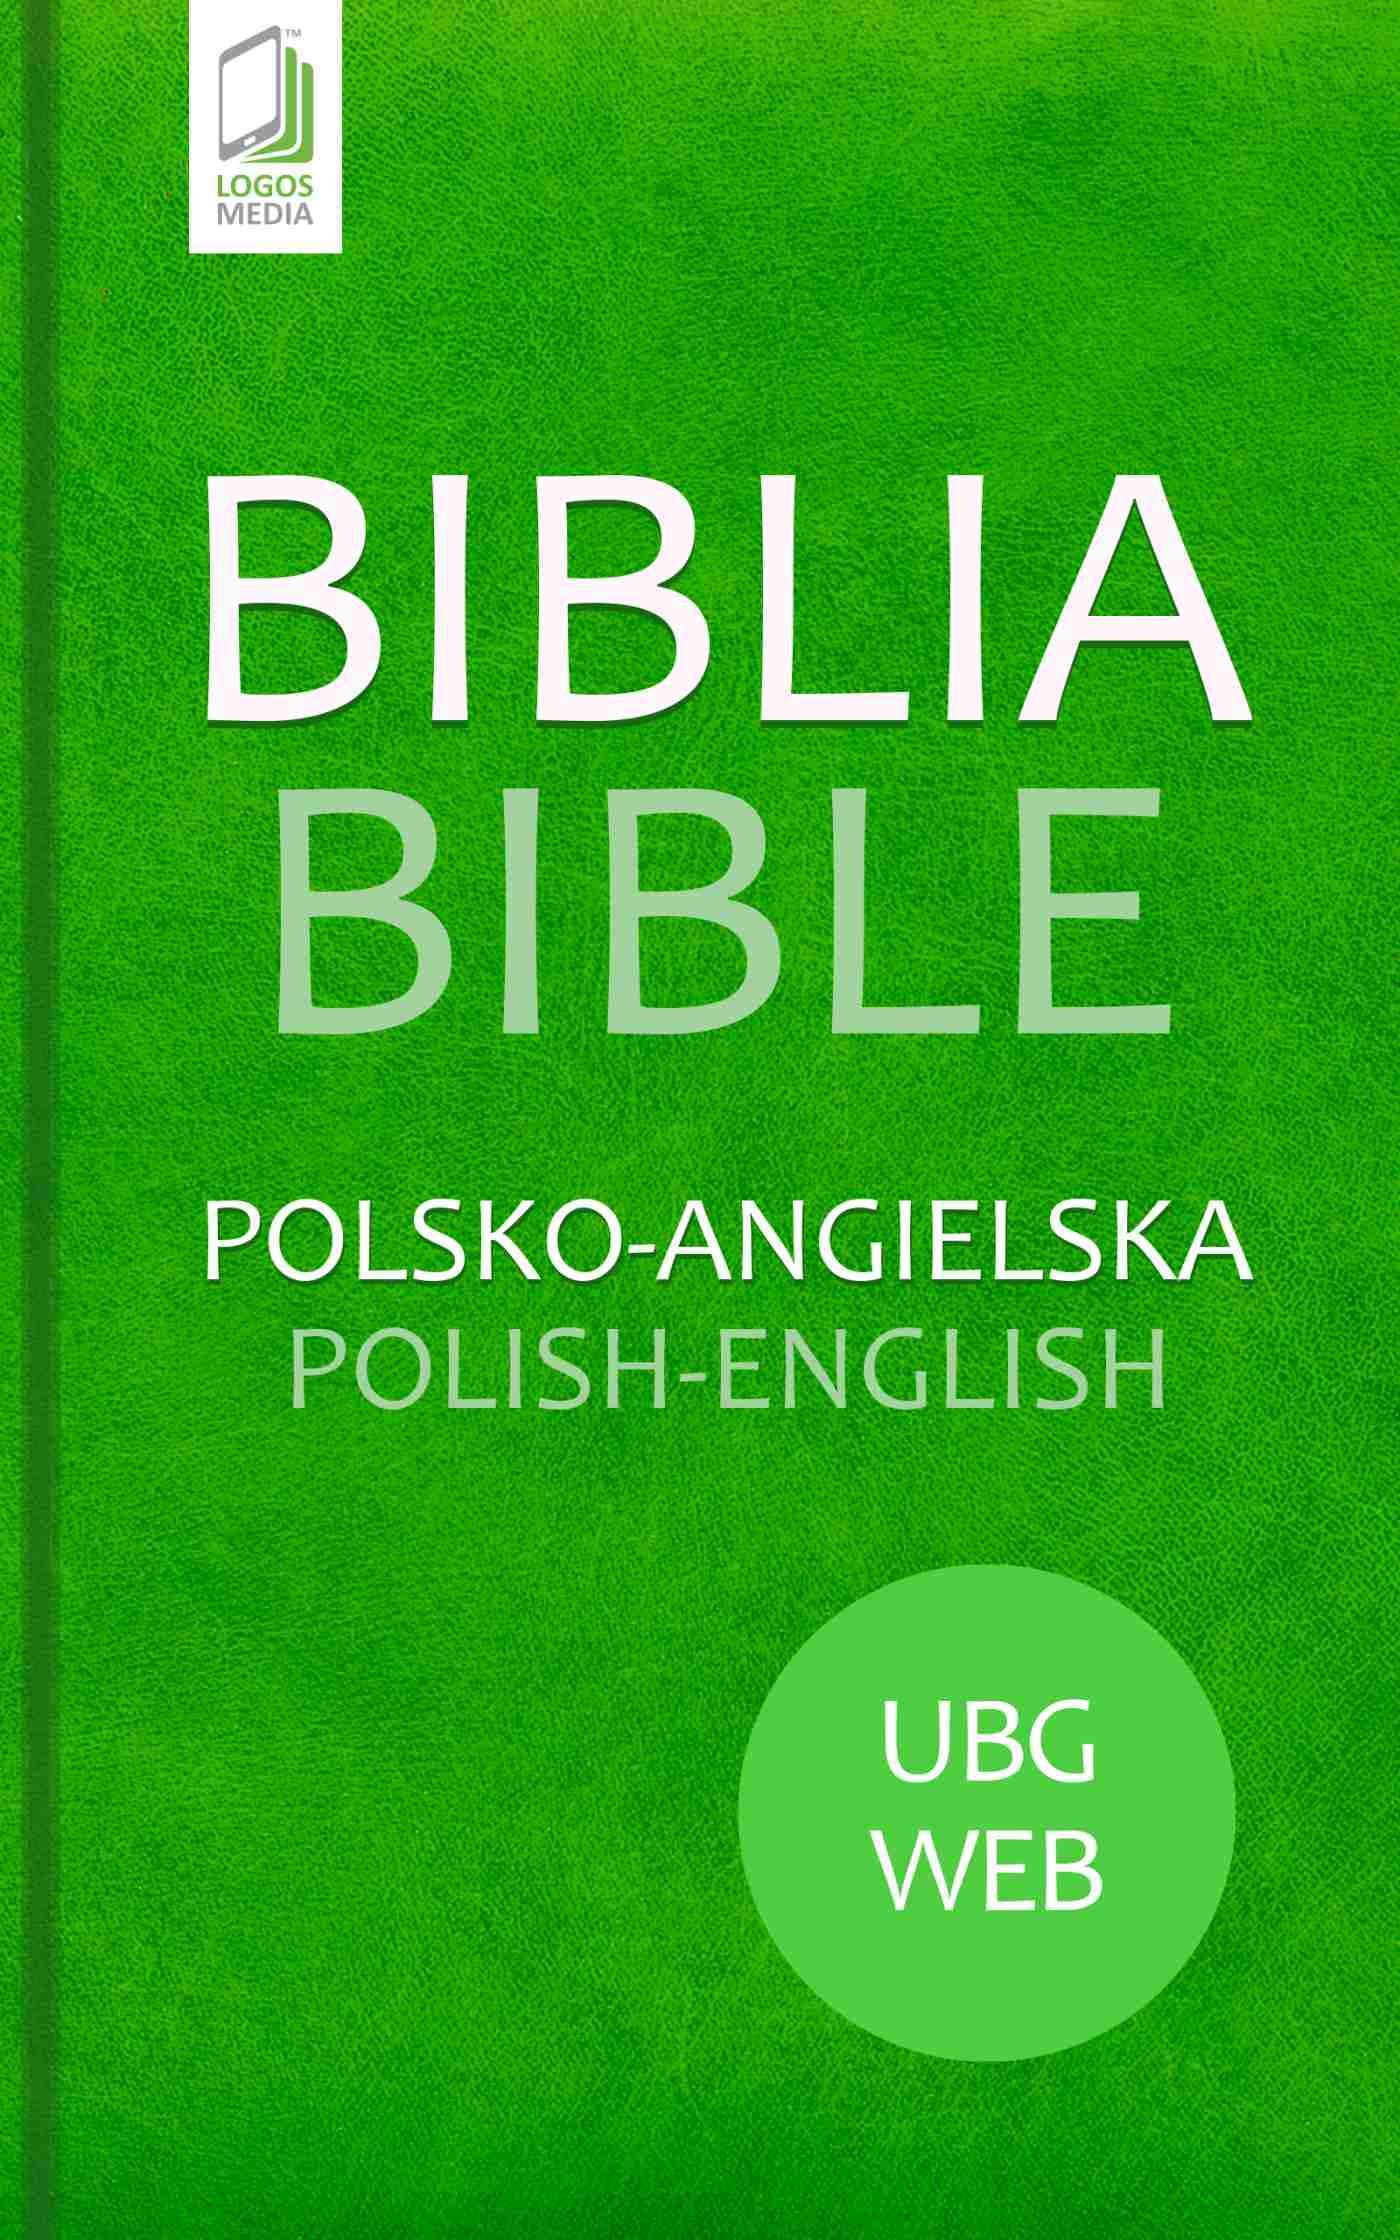 Biblia polsko-angielska - Ebook (Książka na Kindle) do pobrania w formacie MOBI